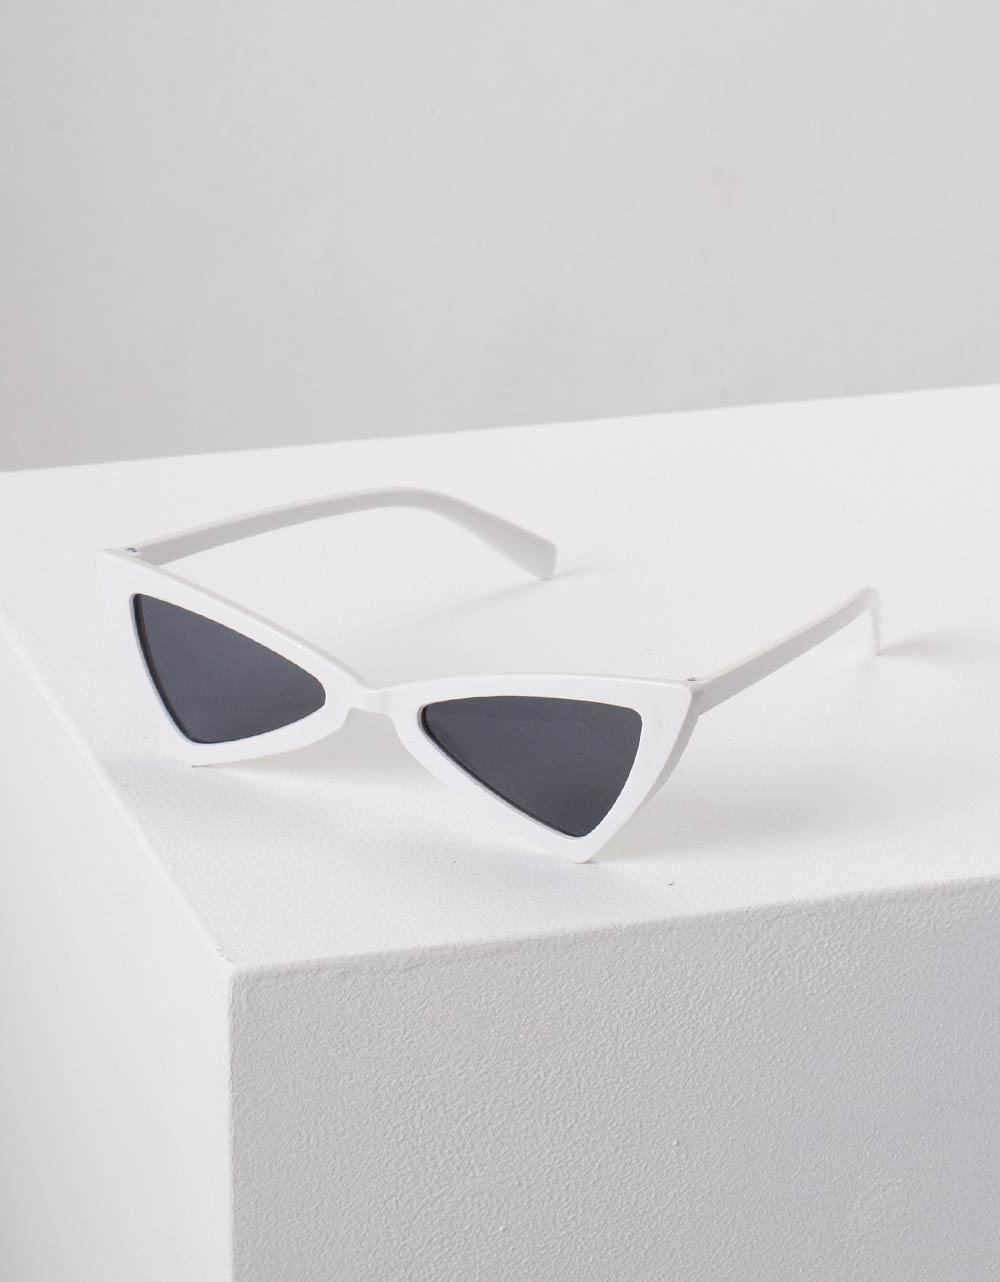 Εικόνα από Γυναικεία γυαλιά ηλίου cat eye Λευκό